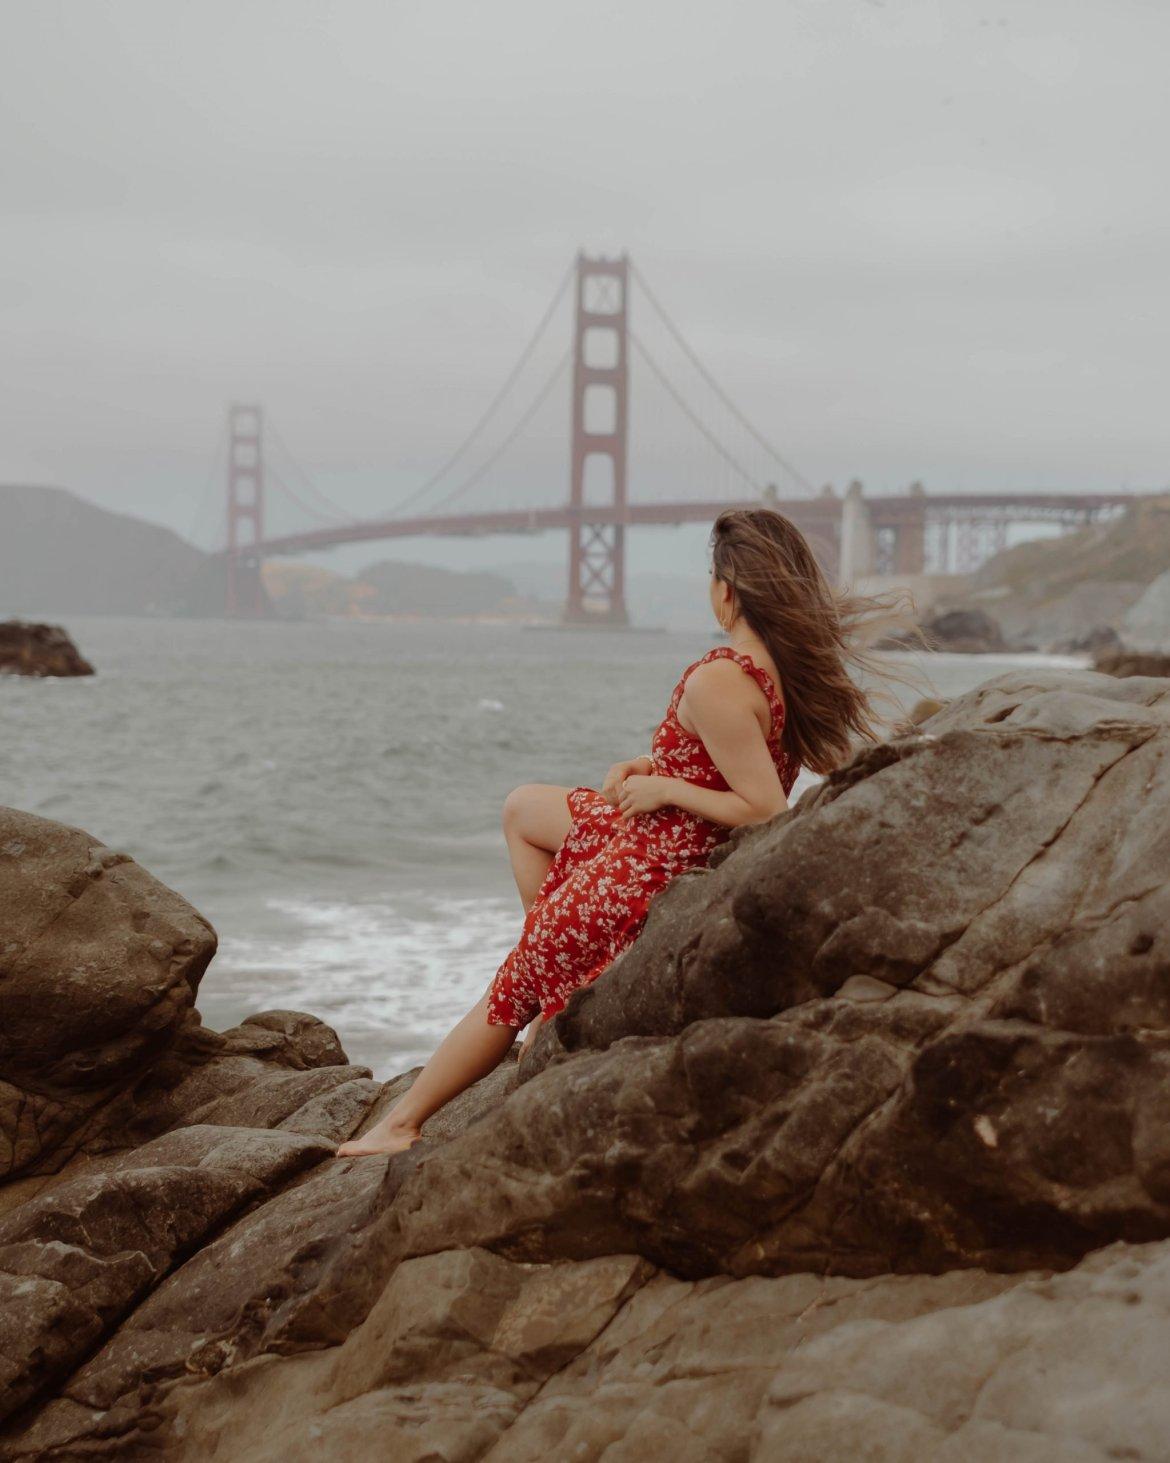 Golden Gate Bridge views from Baker Beach, San Francisco